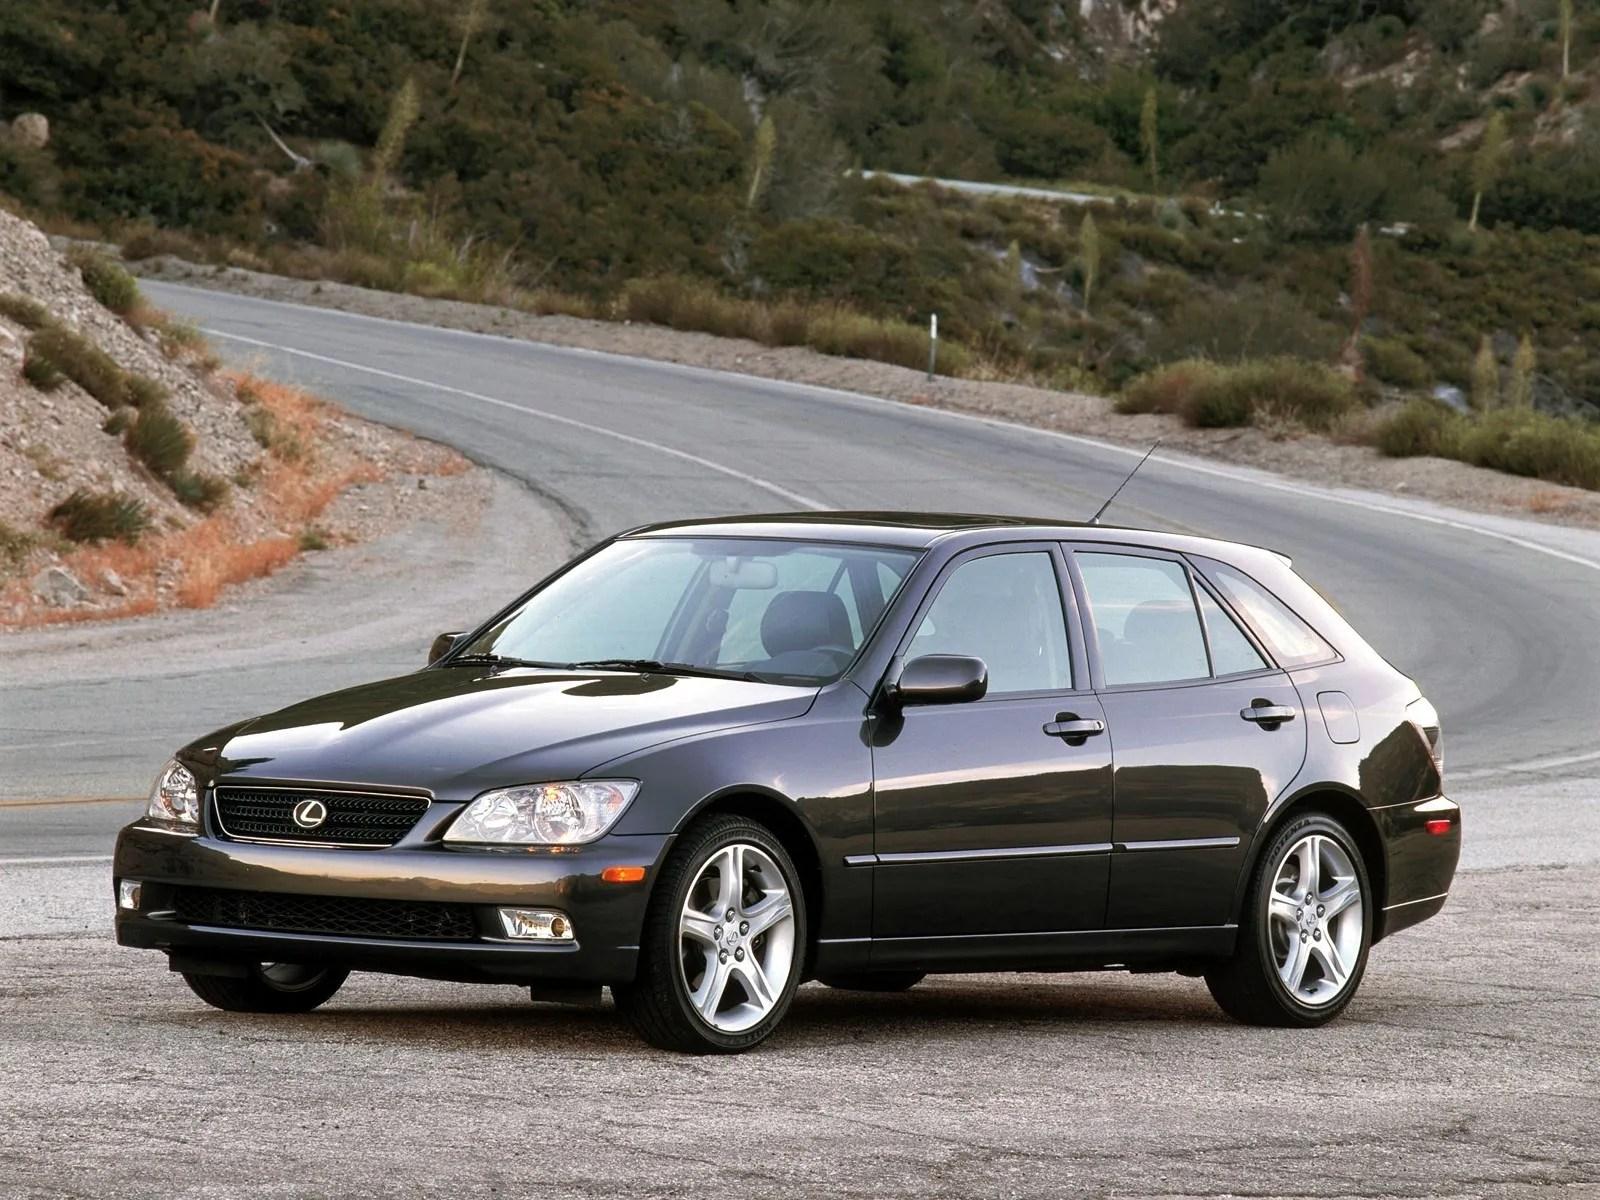 2004 Lexus IS 300 Review Top Speed